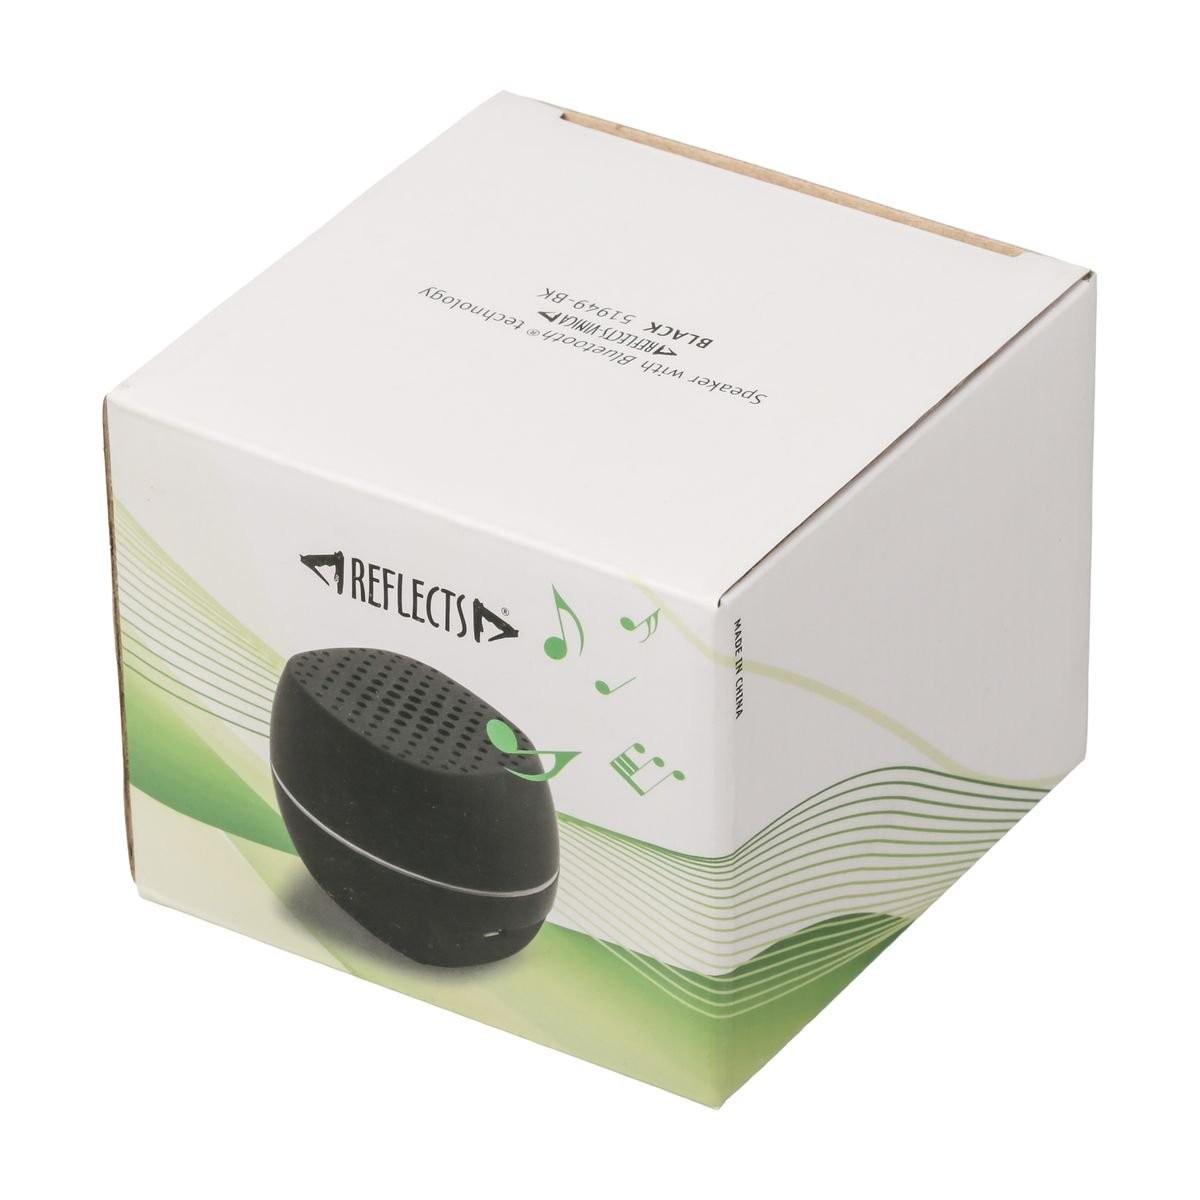 Lautsprecher mit Bluetooth® Technologie REFLECTS-VINICA BLACK, Ansicht 2